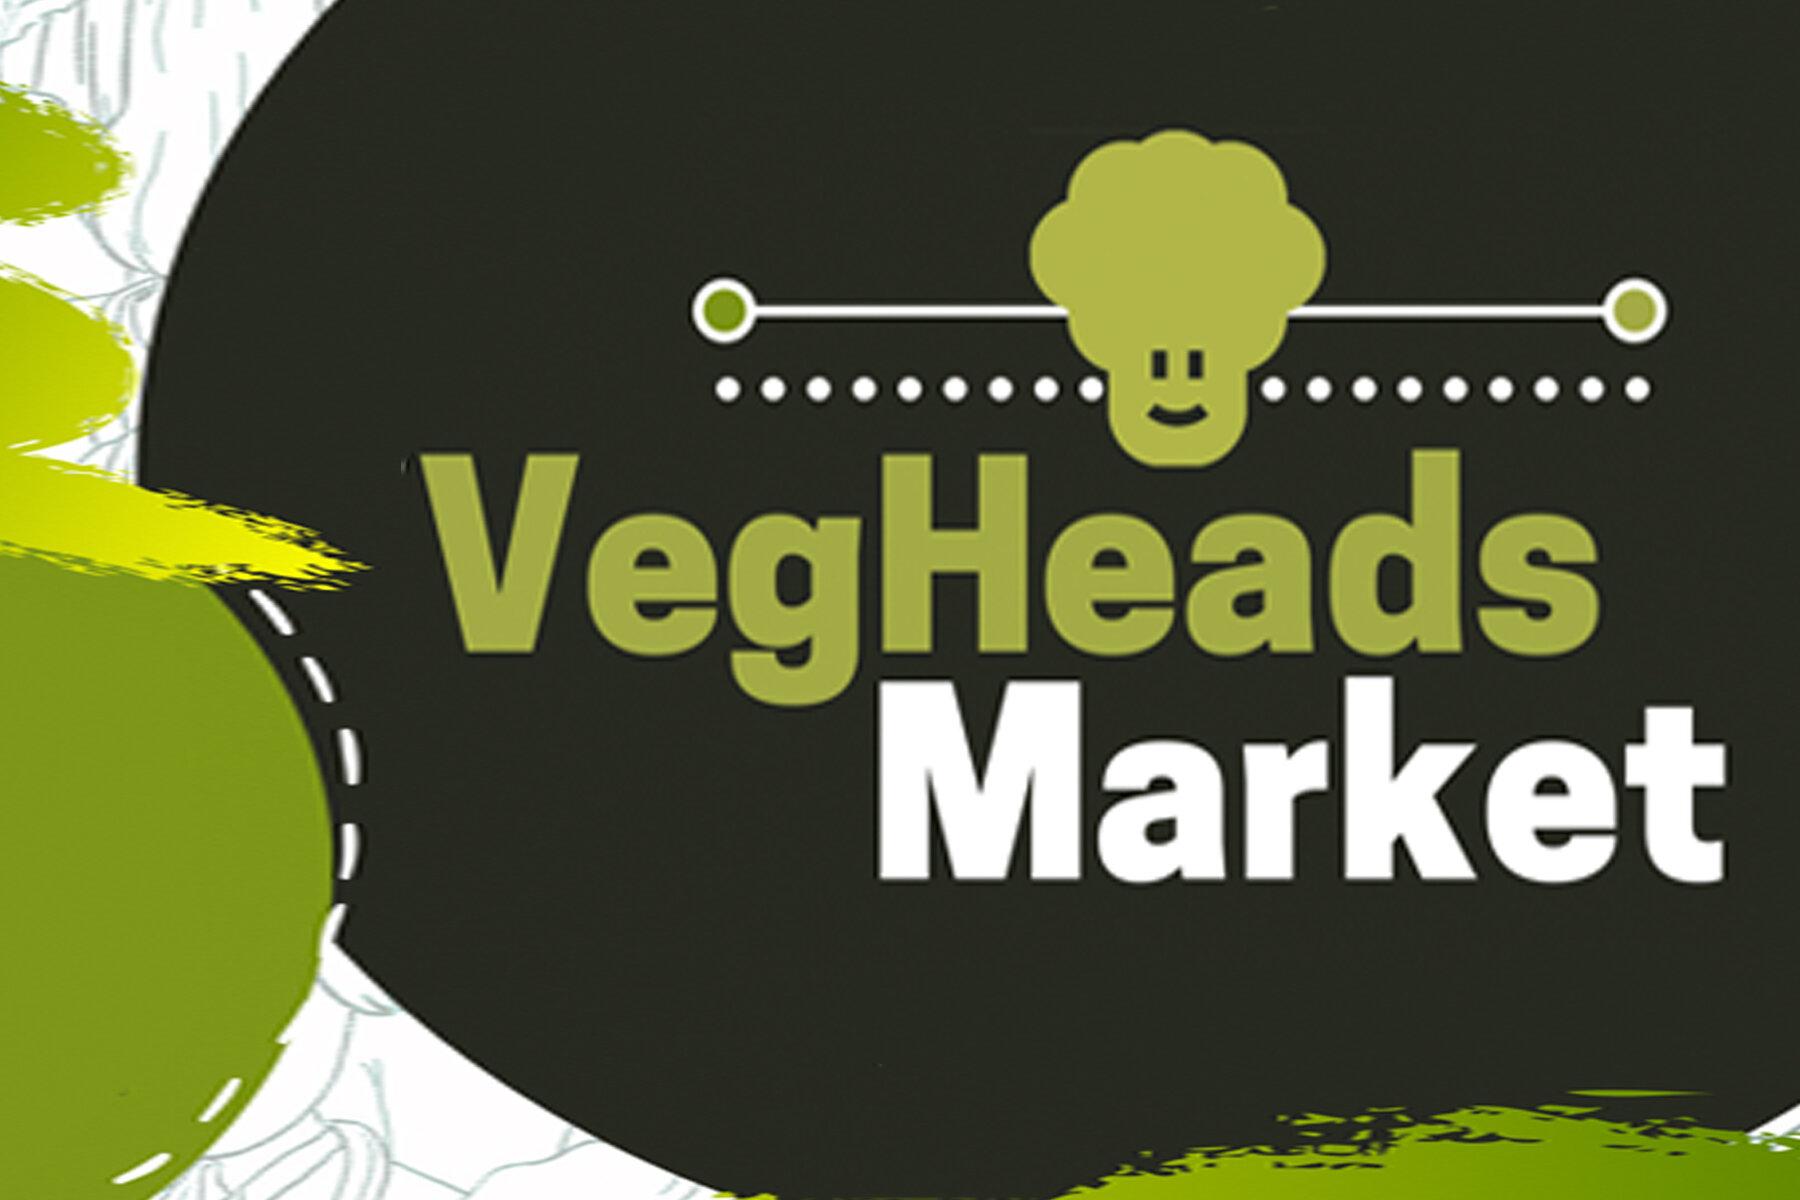 veghead_logo.jpg